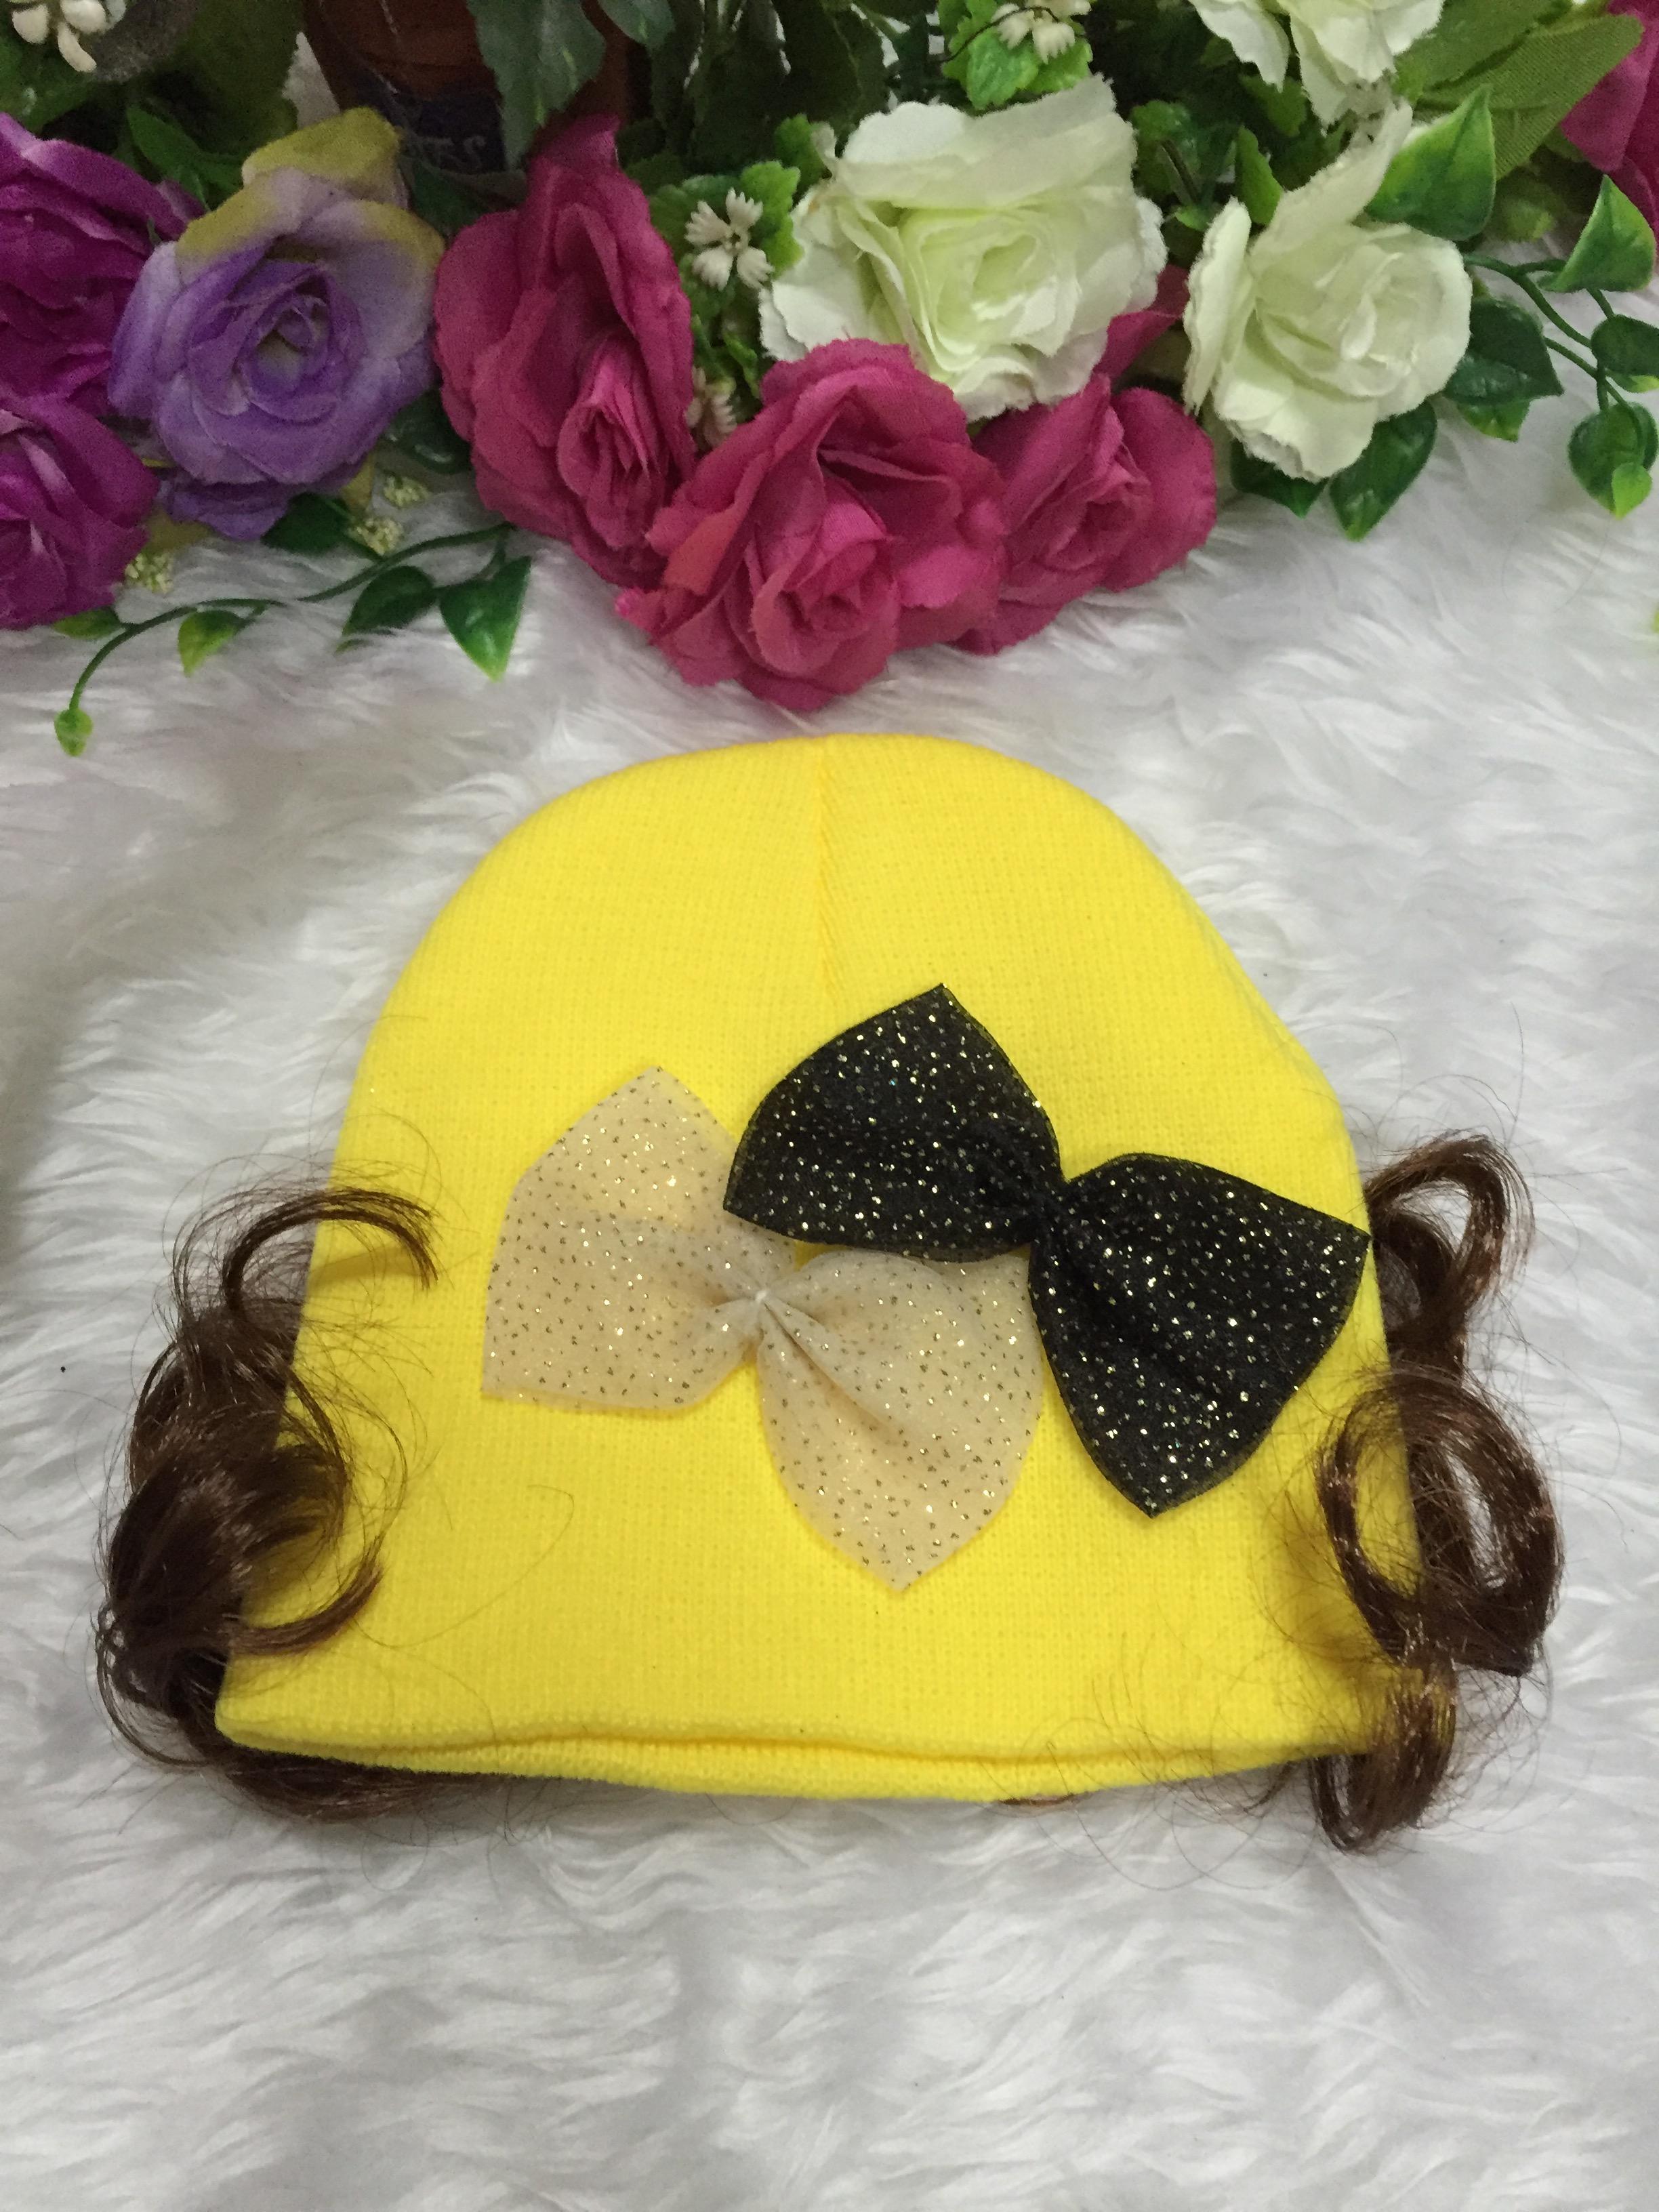 หมวกปอยผม-แต่งโบว์ 2 อัน (ตรงกลางหมวก)